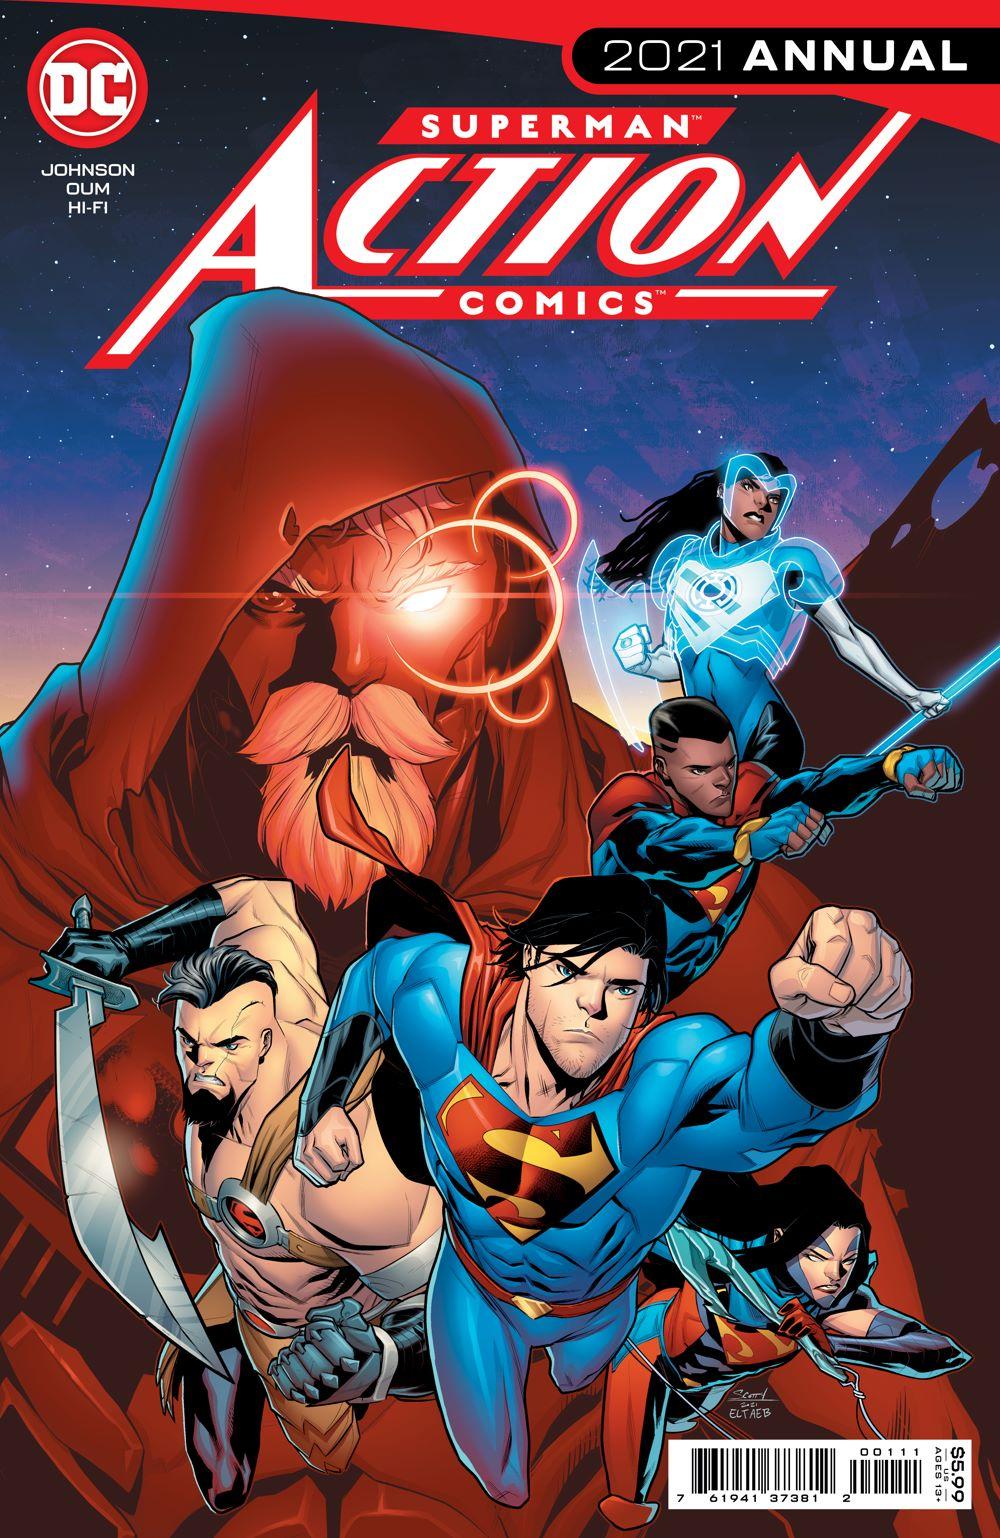 ACANN2021_Cv1 DC Comics June 2021 Solicitations